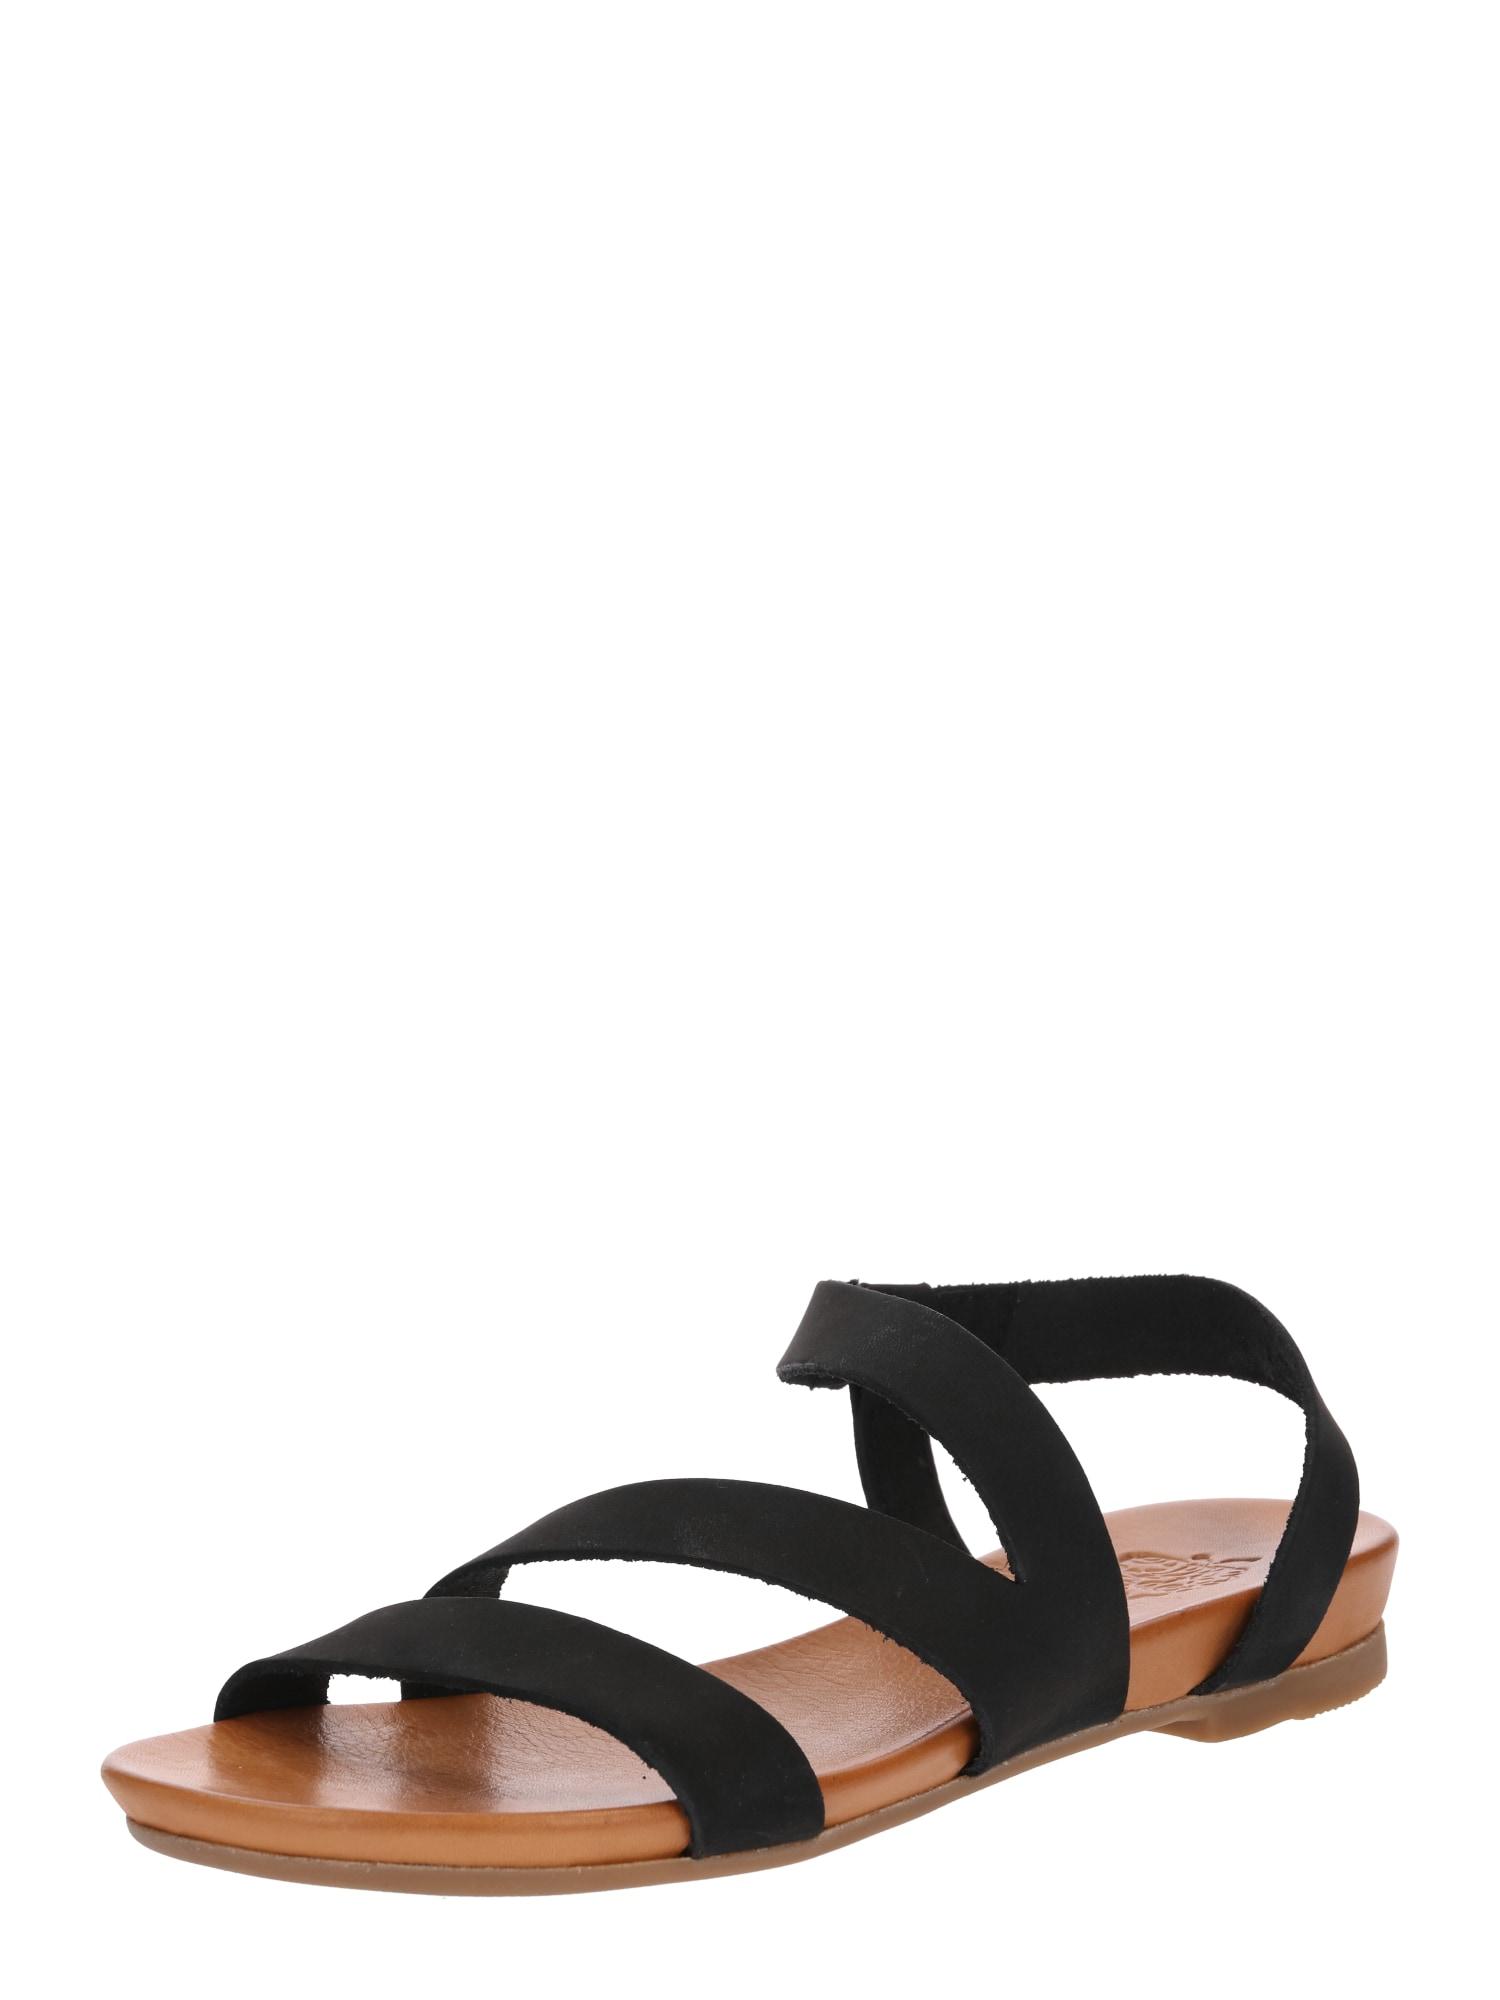 Páskové sandály Dena béžová černá Apple Of Eden